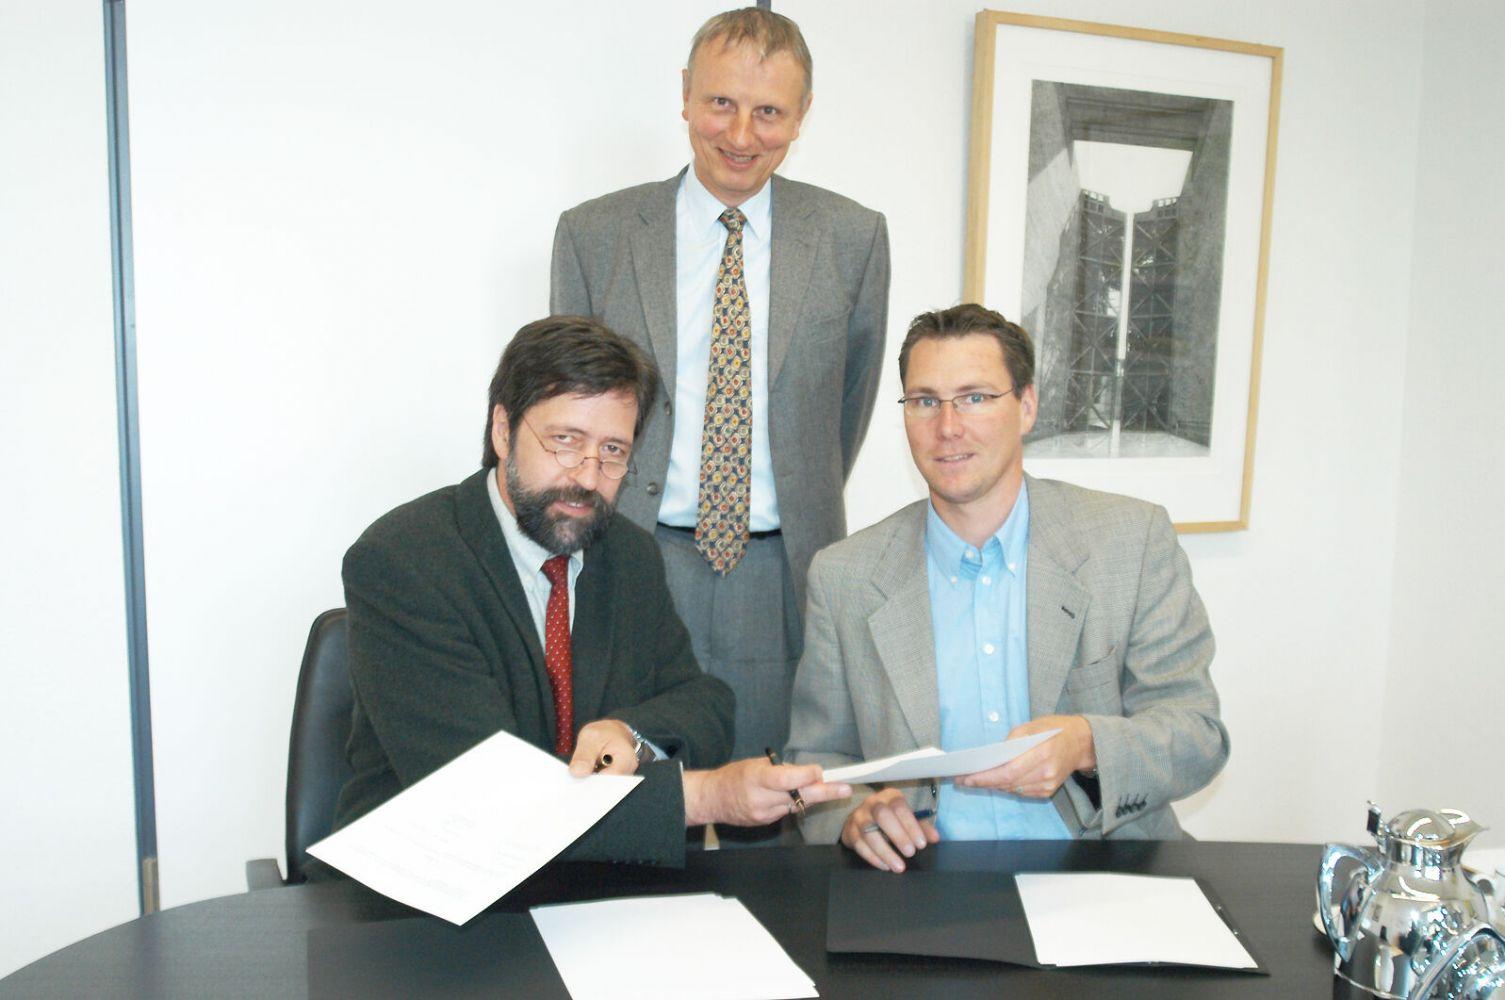 Der damalige Rektor unserer Hochschule, Prof. Dr.-Ing. Klaus Niederdrenk (l.), Prof. Dr.- Ing. Uvo Hölscher und Dipl.-Ing. Torsten Gruchmann (r).) unterzeichneten im Mai 2003 einen Kooperationsvertrag zwischen Hochschule und Use-Lab. (Foto: FH Münster/Pressestelle)